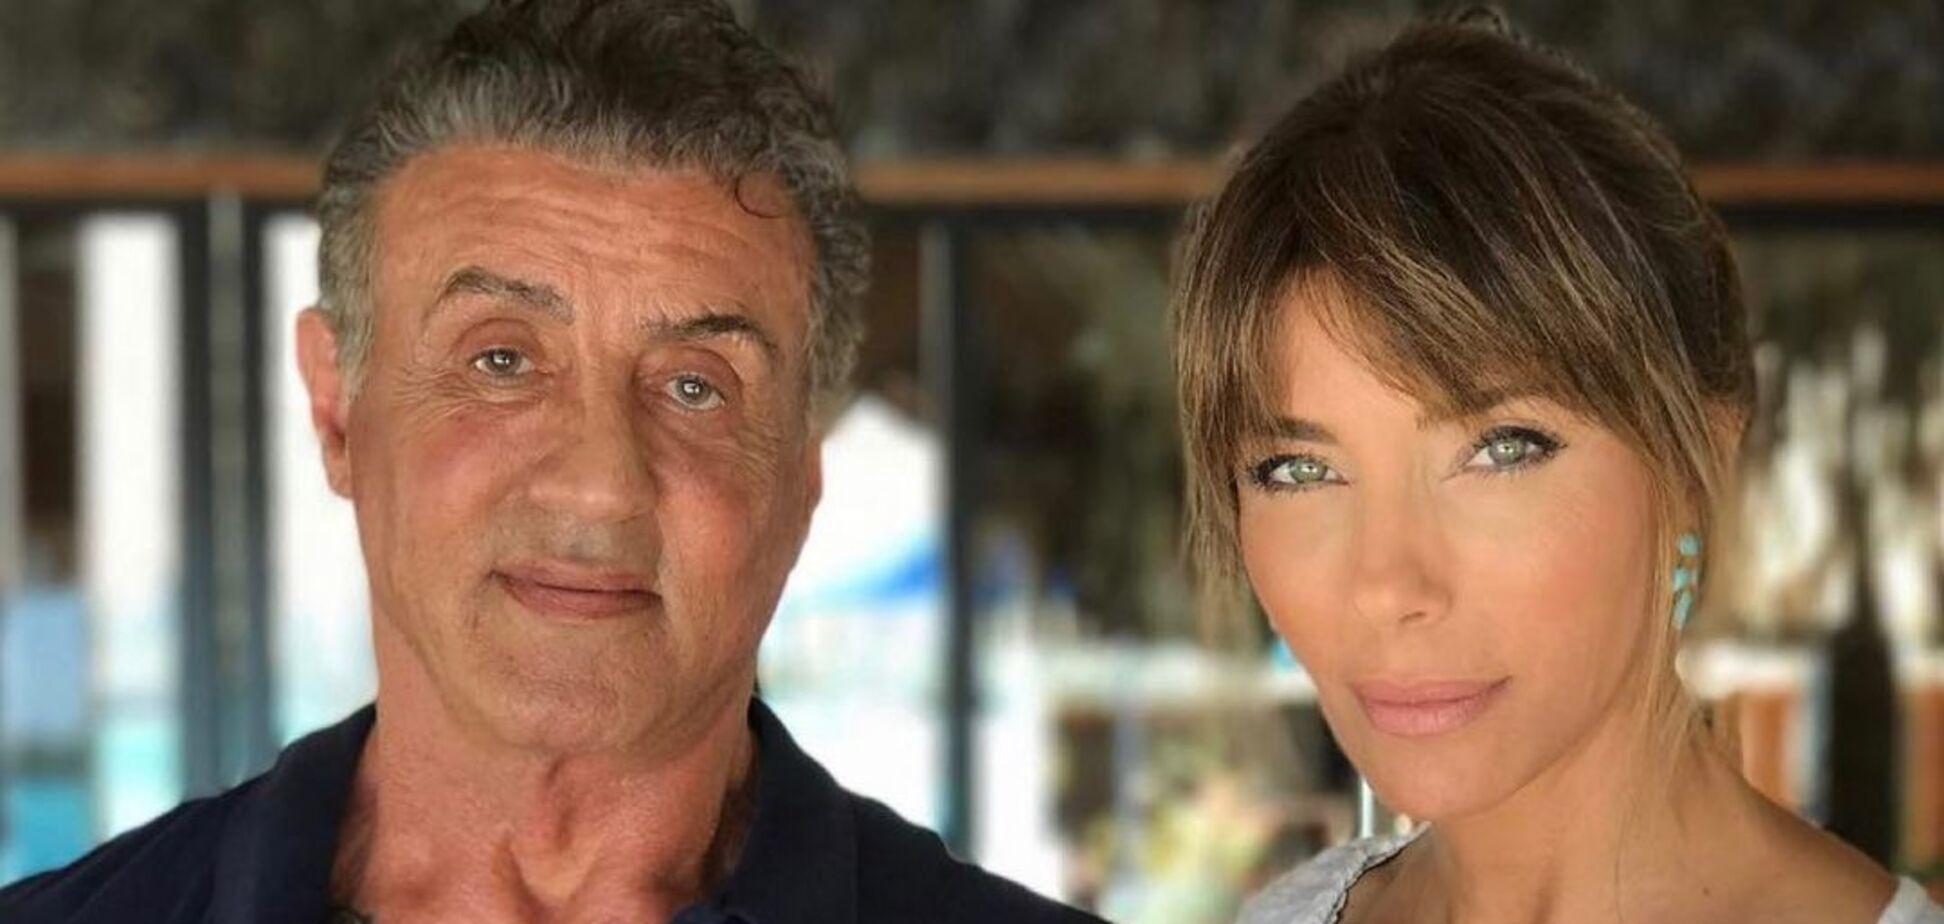 Сильвестр Сталлоне оприлюднив рідкісне фото з дружиною, молодшою на 22 роки